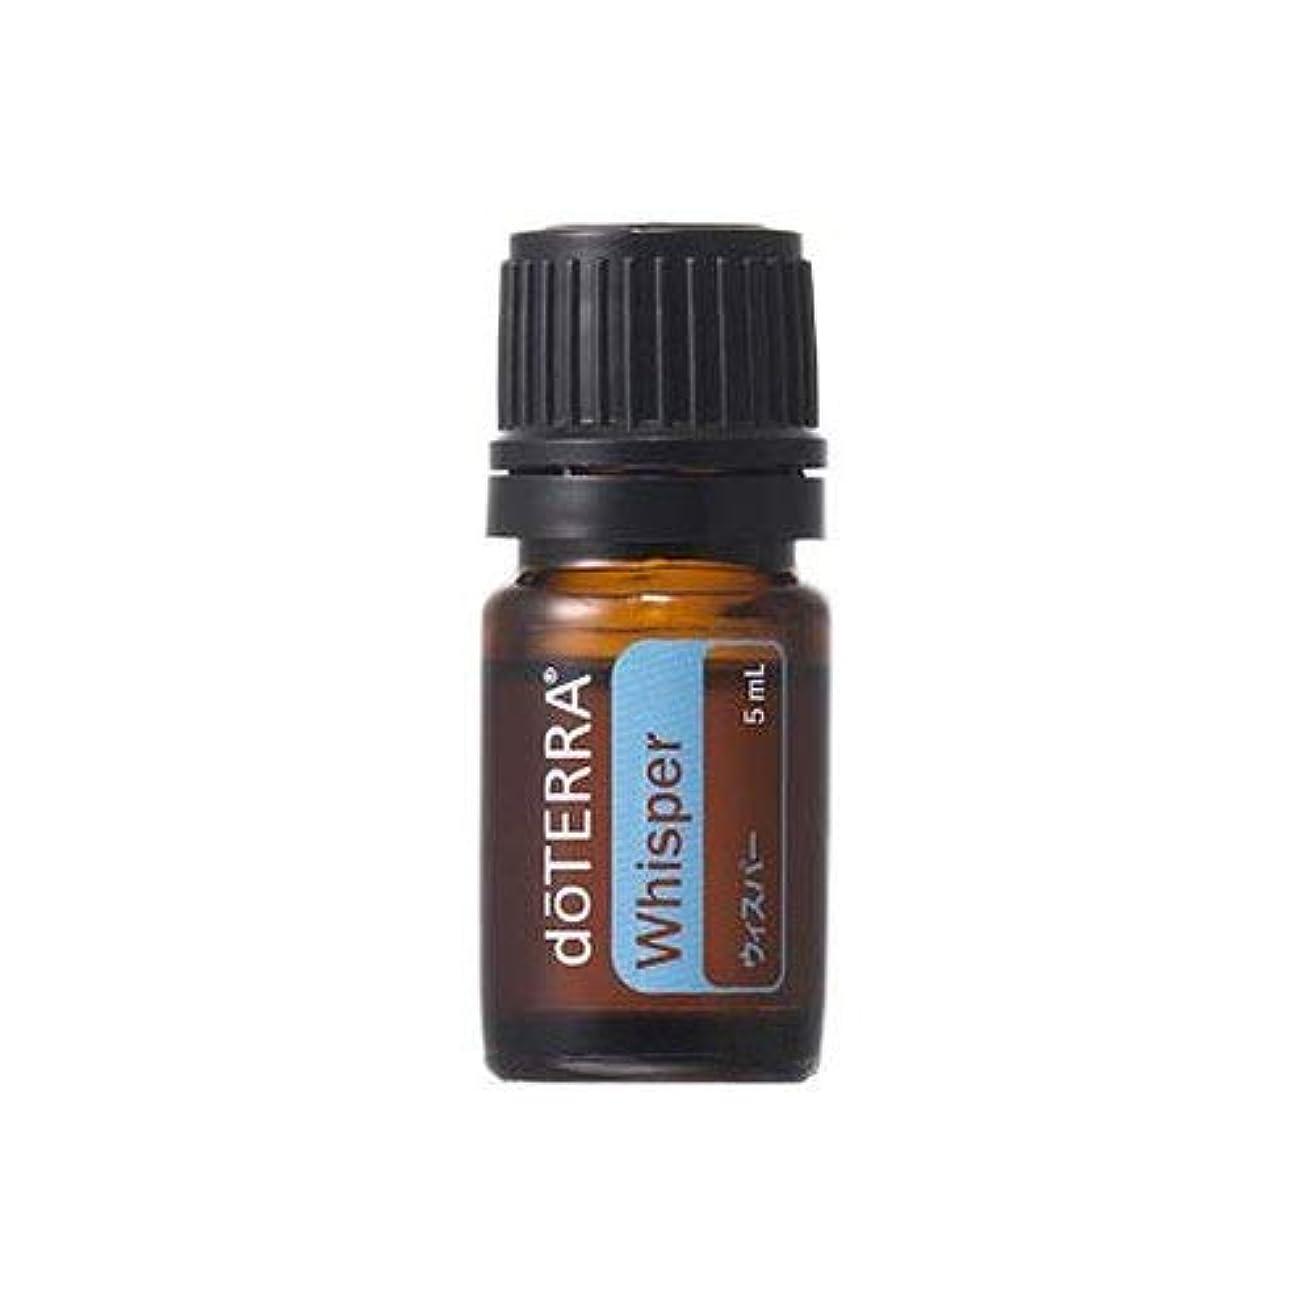 プロフィール消費バットdoTERRA ドテラ ウィスパー 5 ml ブレンドオイル エッセンシャルオイル 精油 リラックス